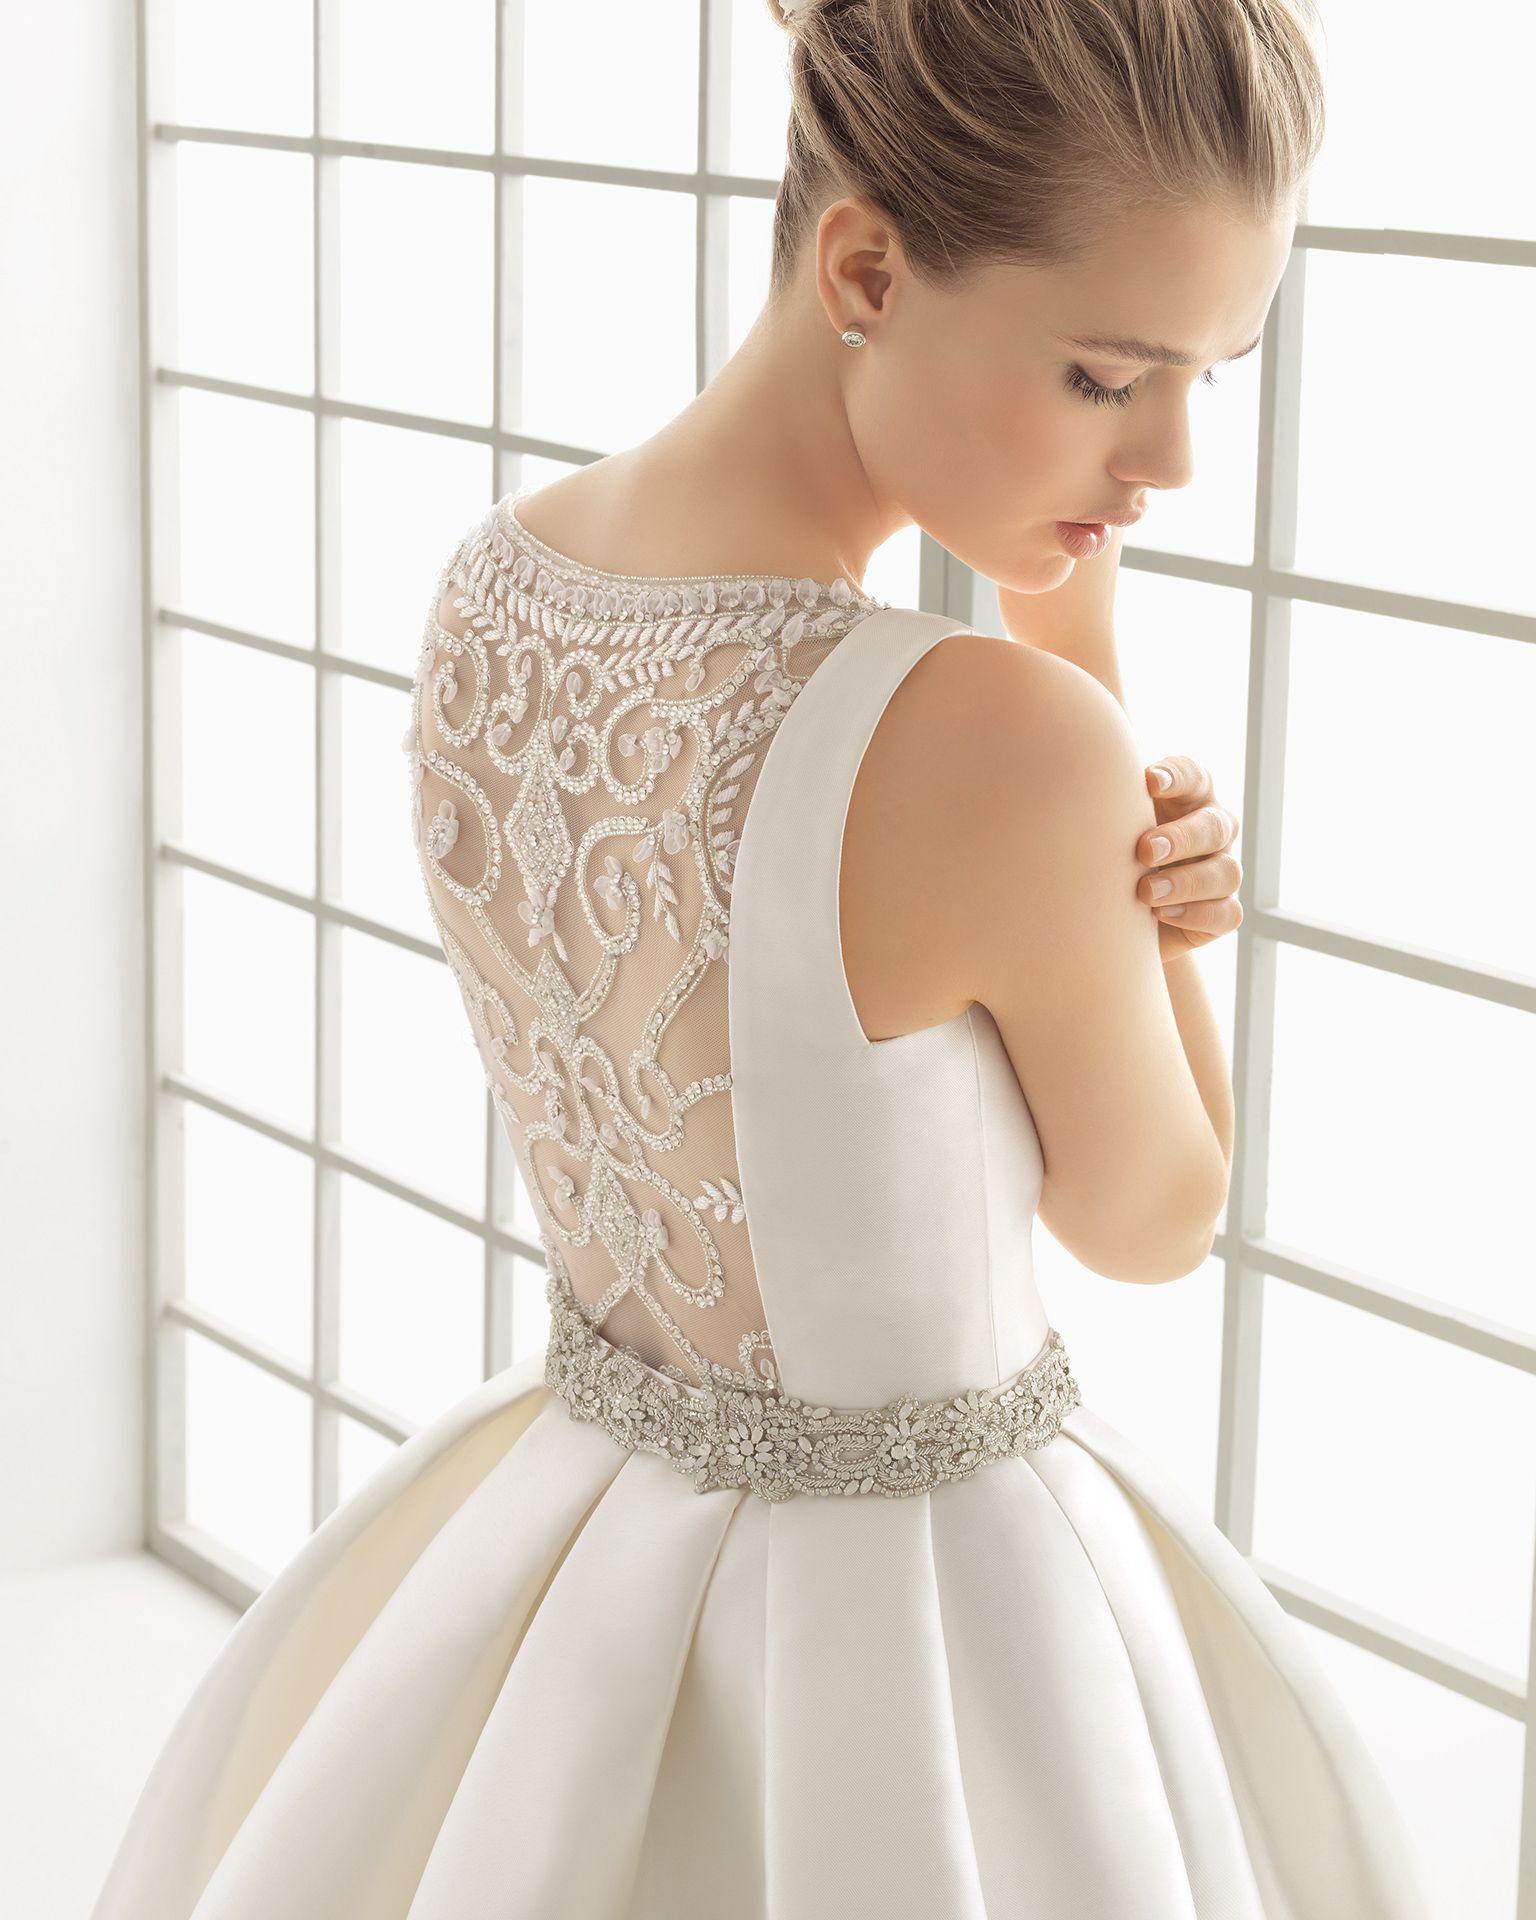 Die schönsten Brautkleider für die Hochzeit: Tipps und Trends 2016 ...